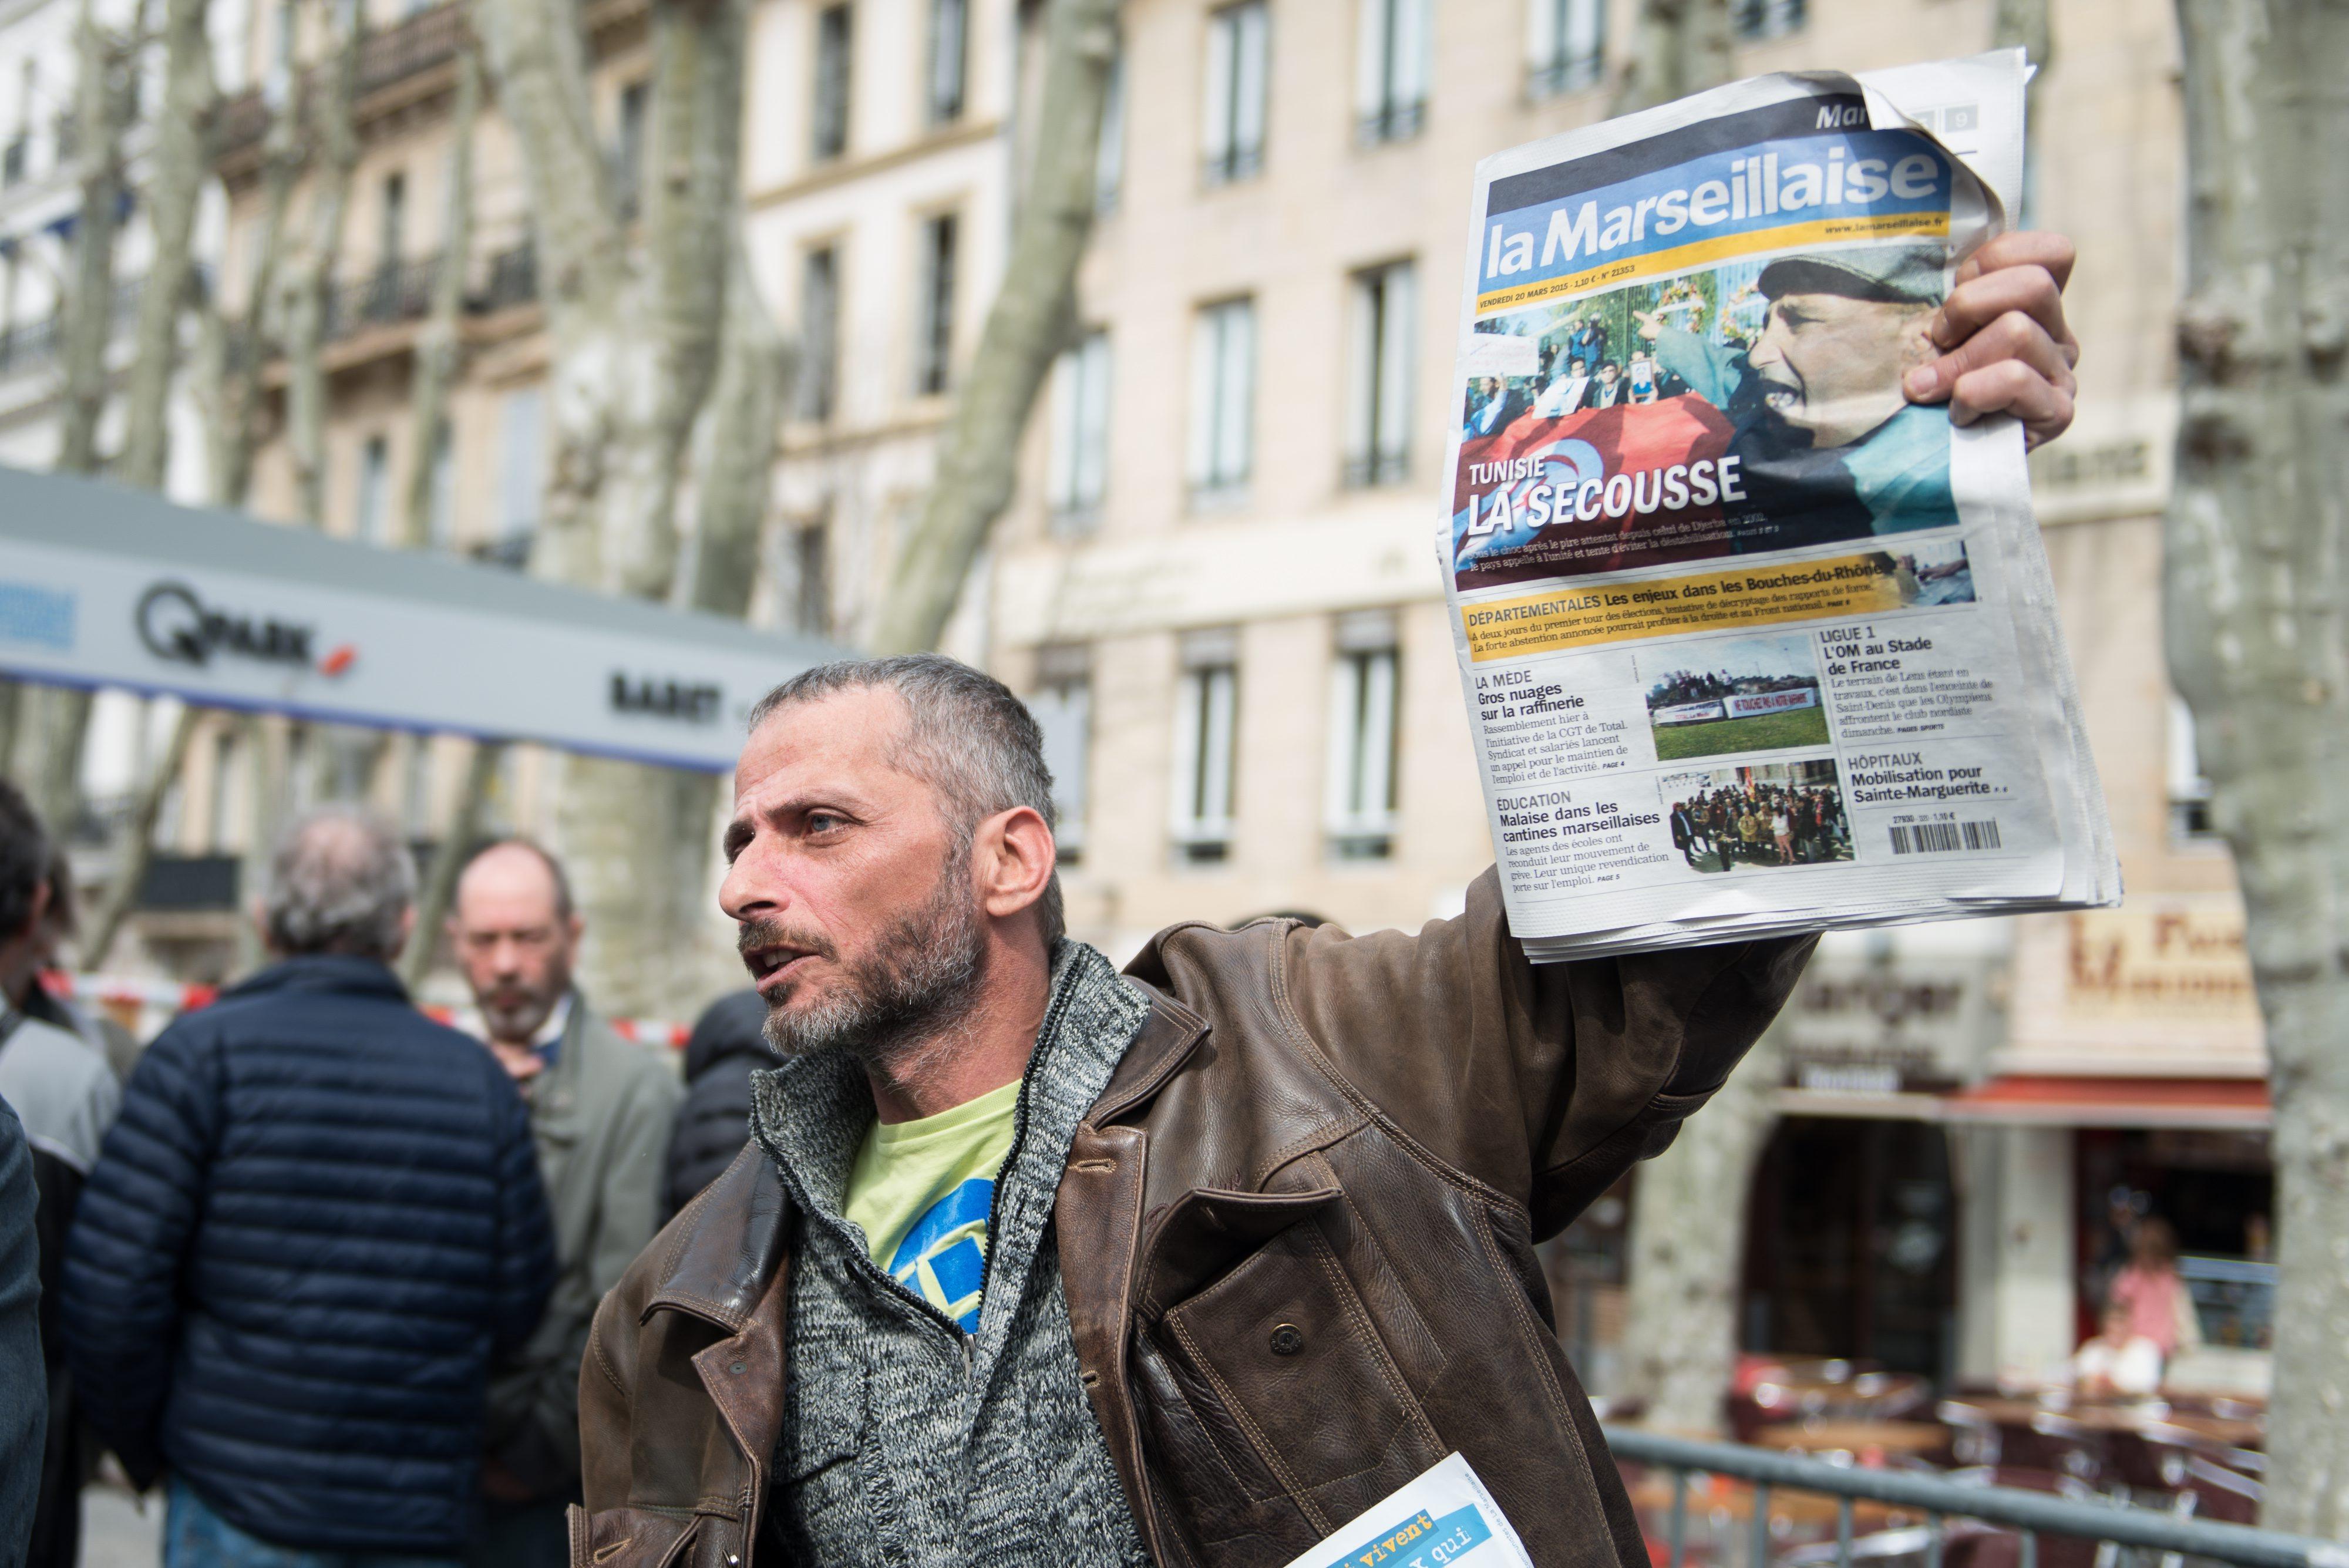 Manifestation des salaries de La Marseillaise